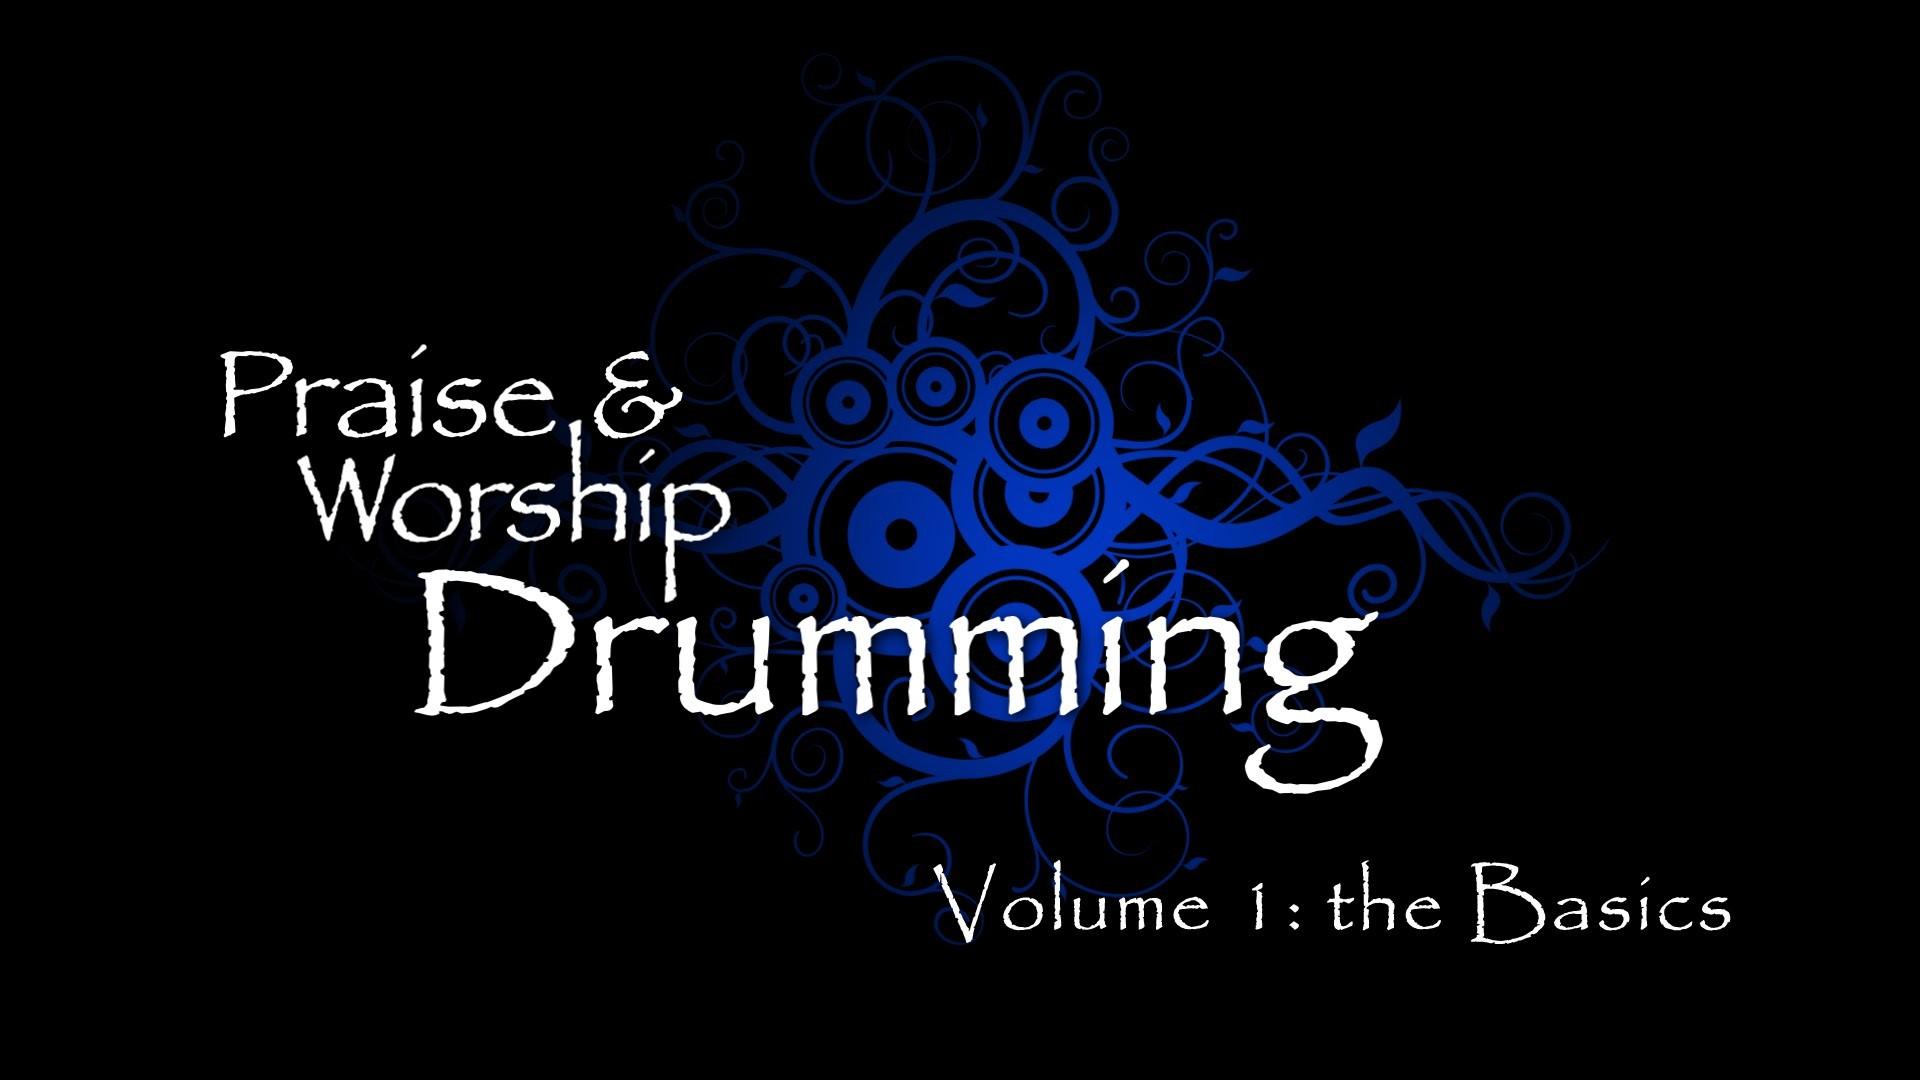 Praise & Worship Drumming, Vol 1 – DVD Promo